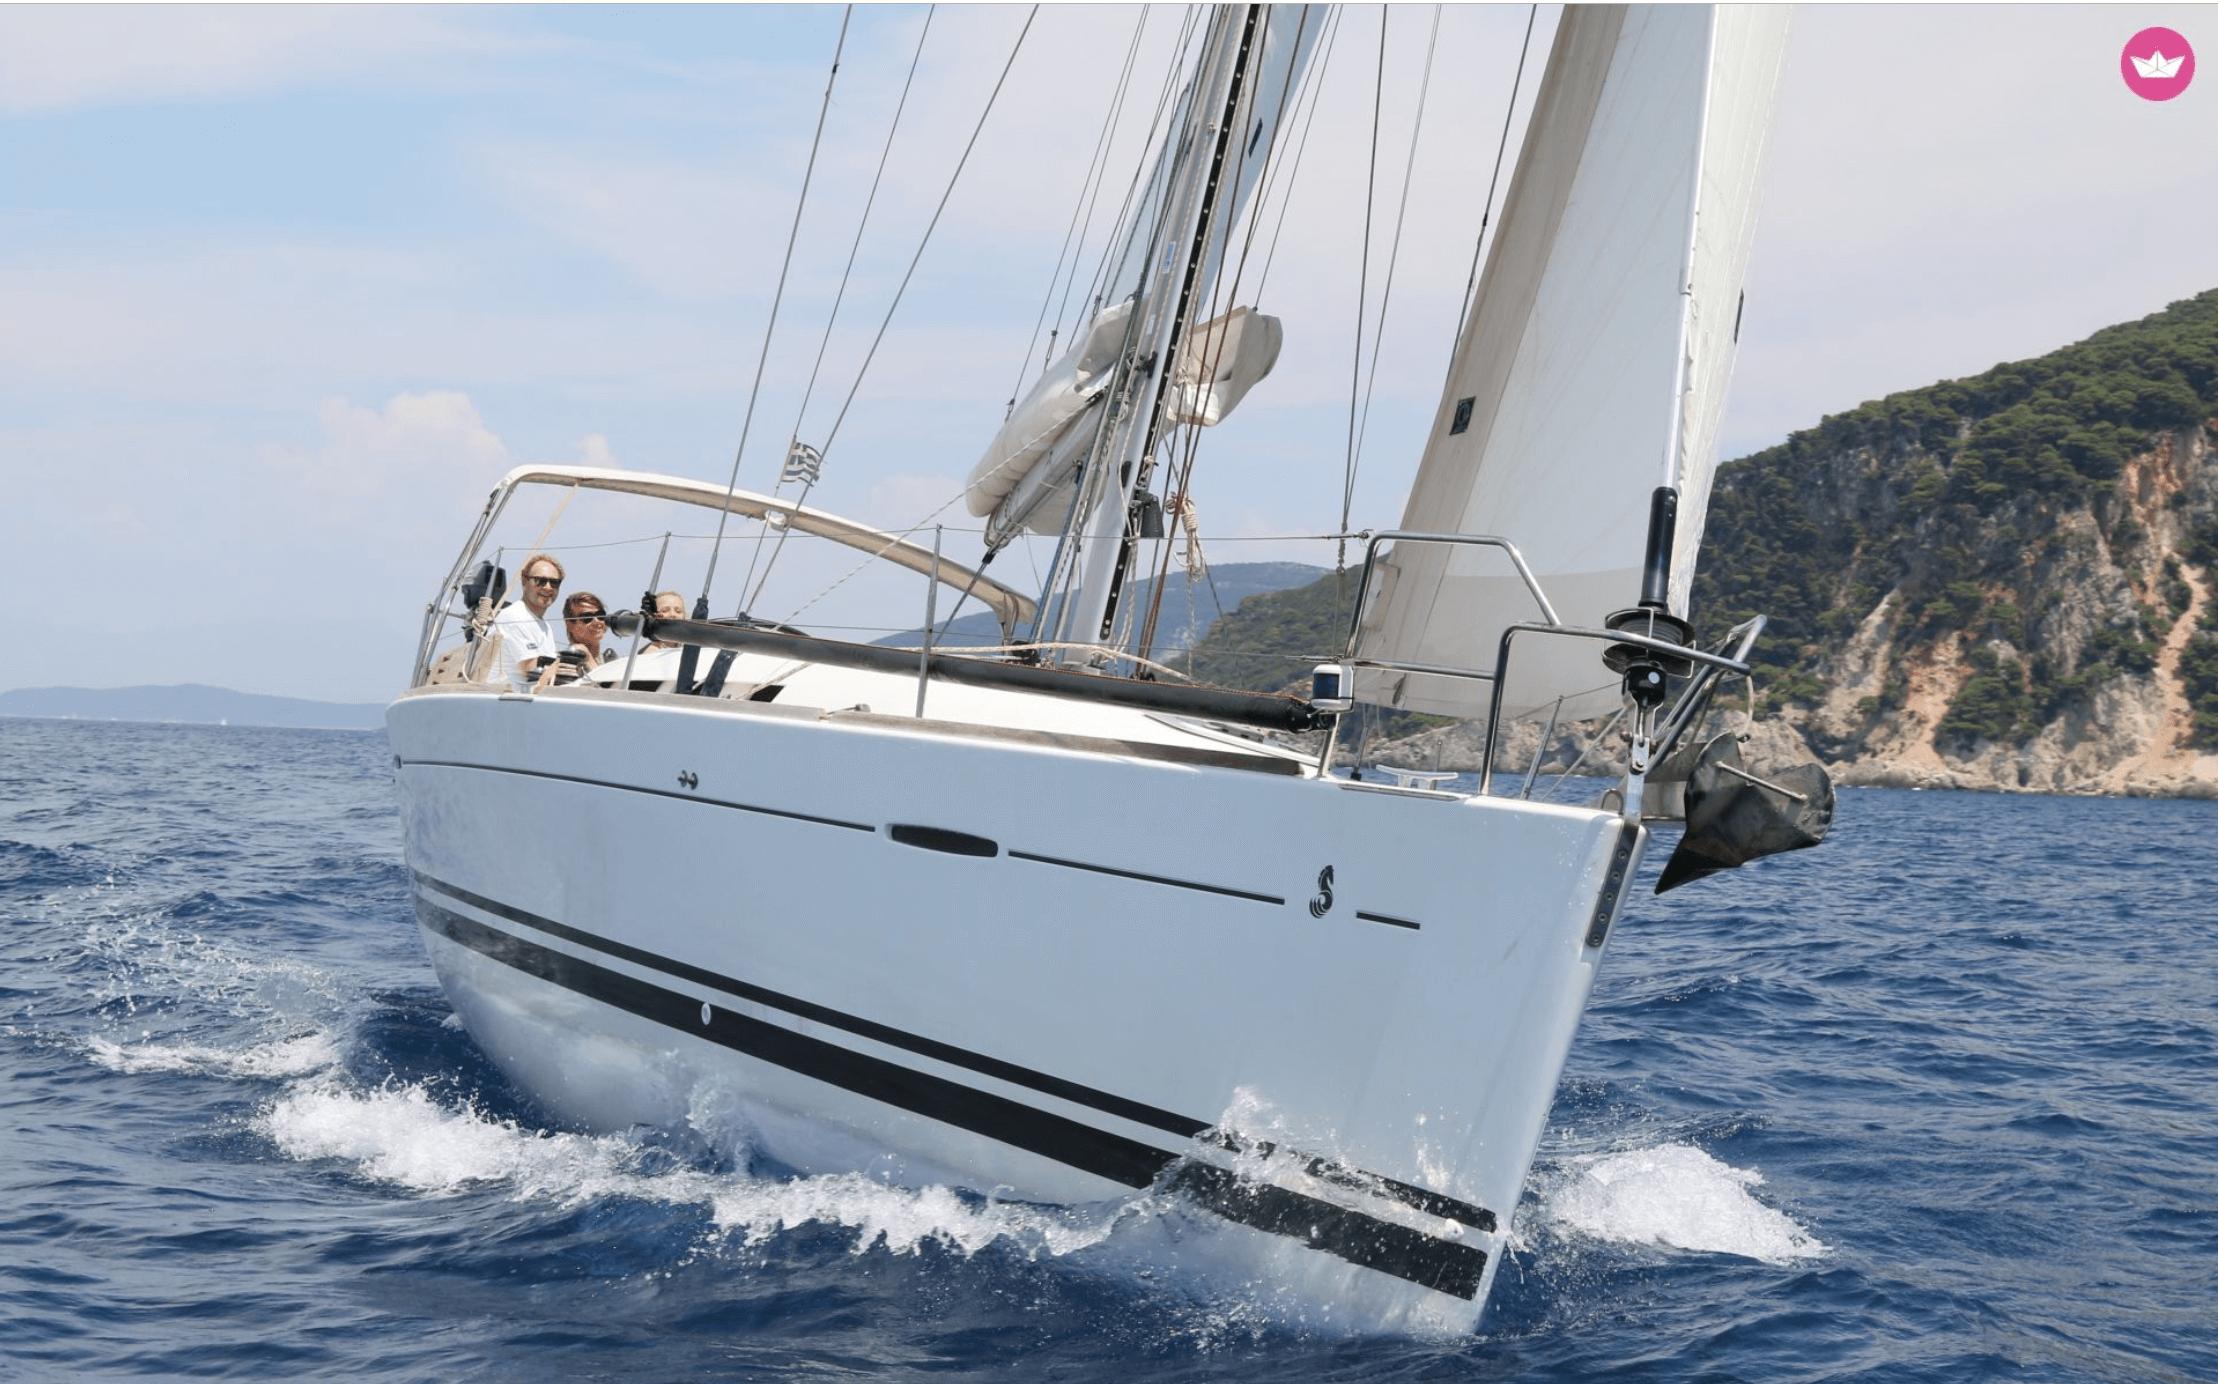 Zeilboot in beweging op zee